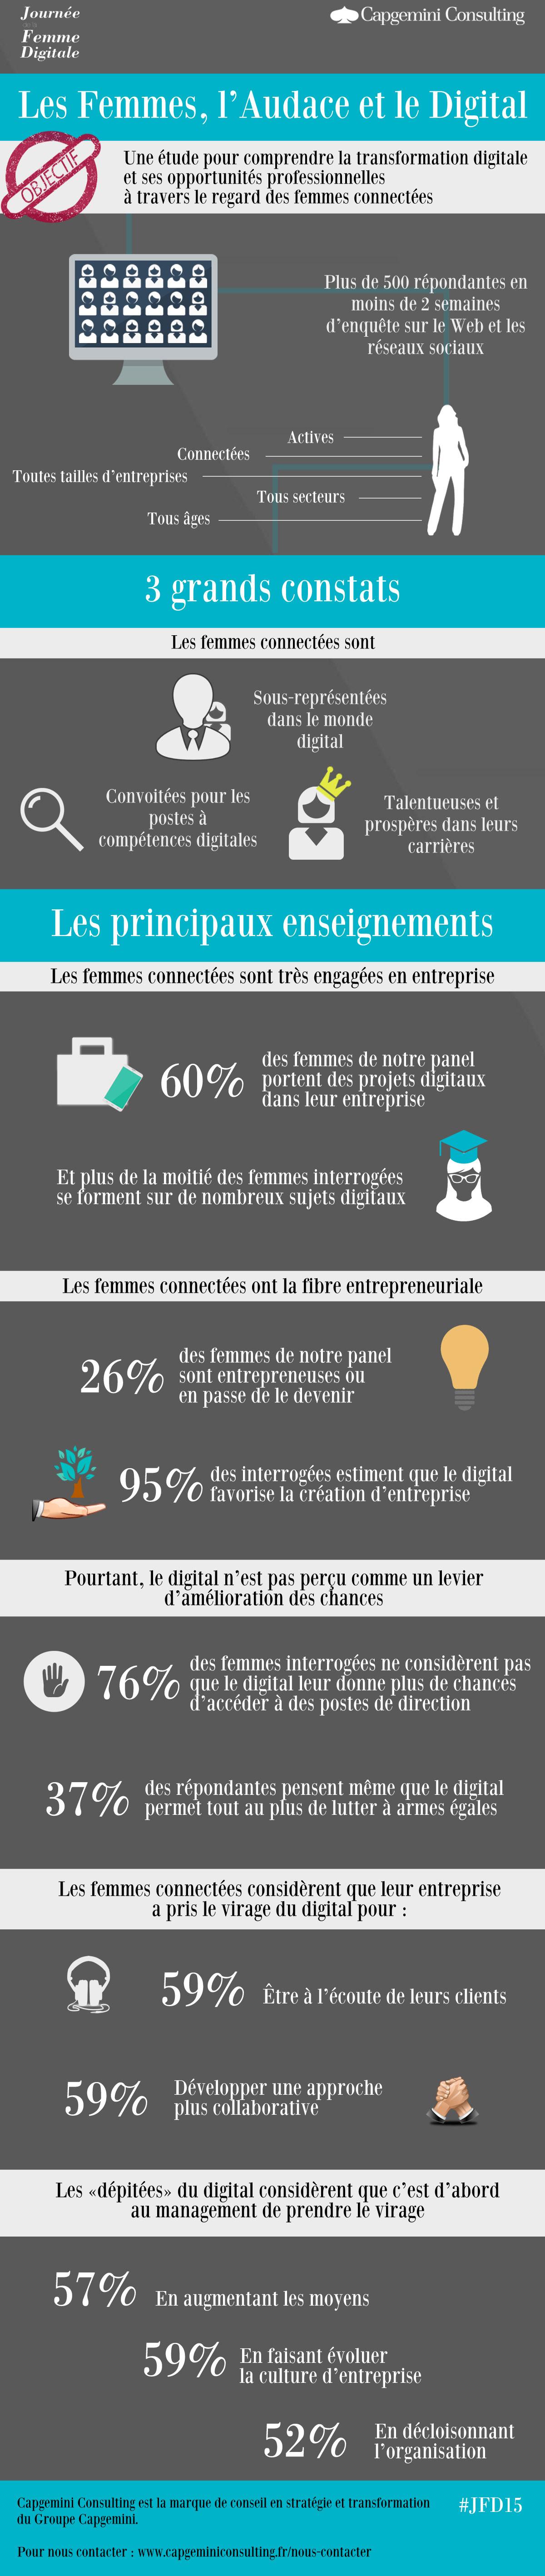 journée-de-la-femme-digitale-2015